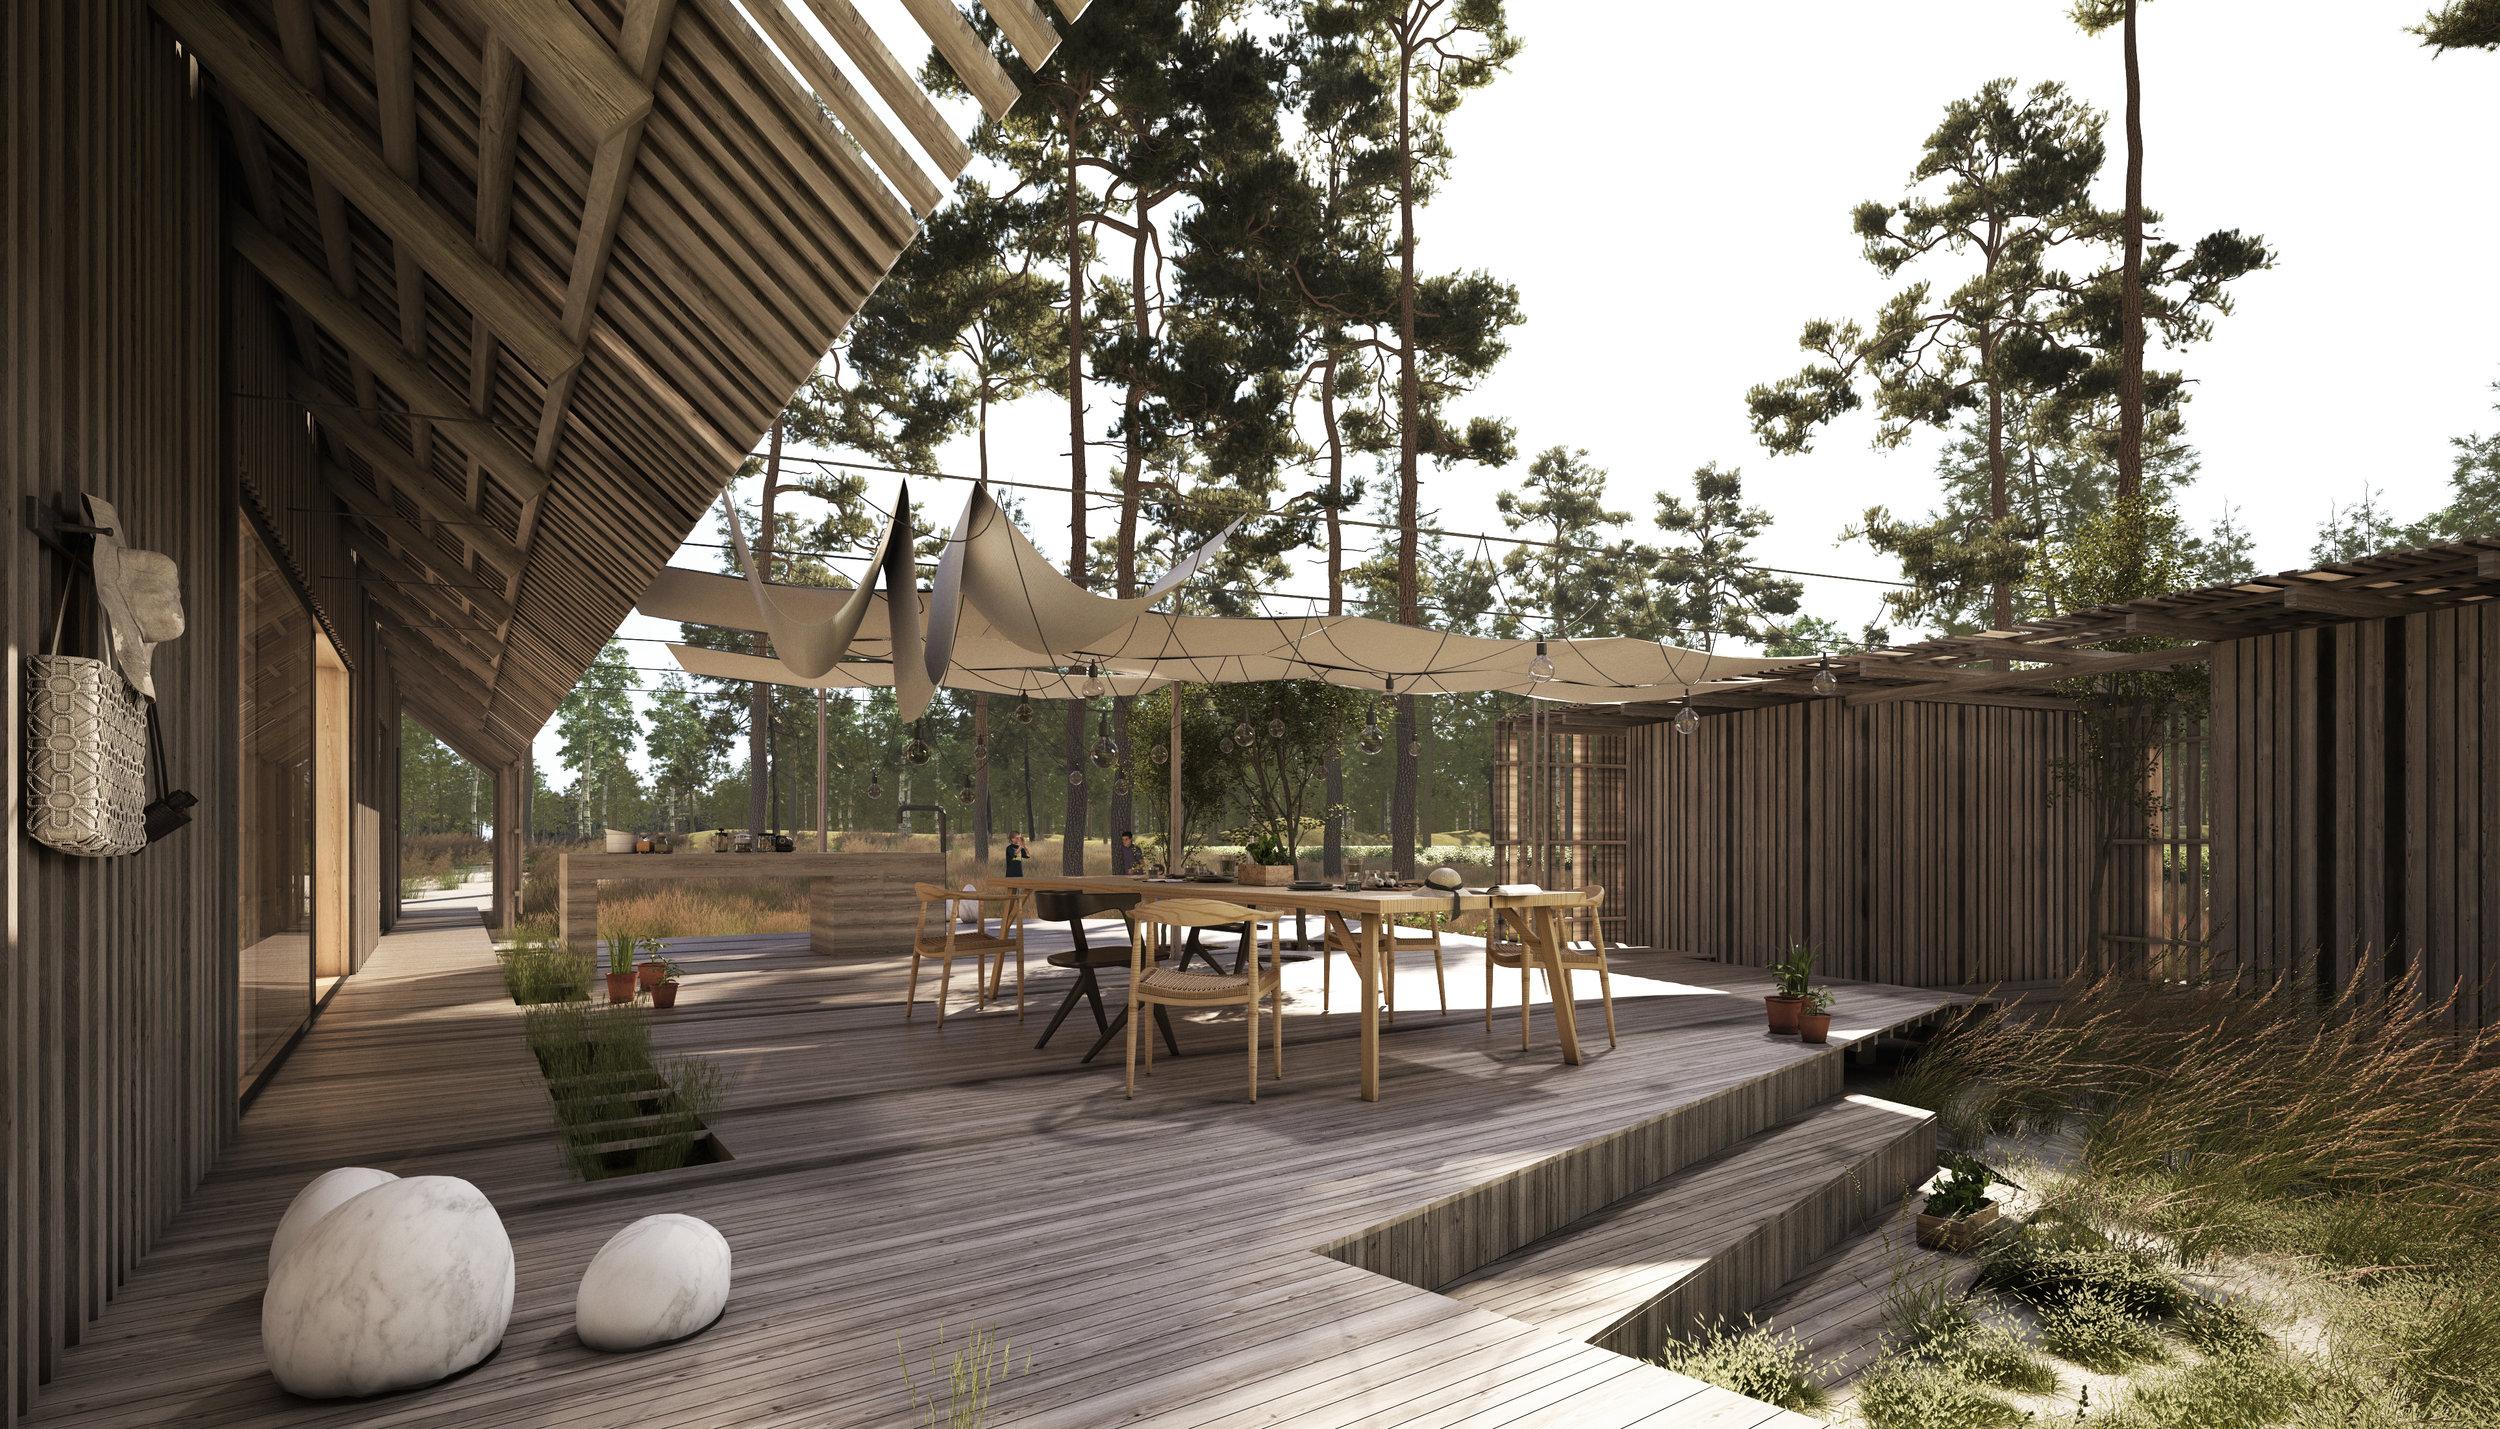 01 Sommerhus-Terrace V01.jpg